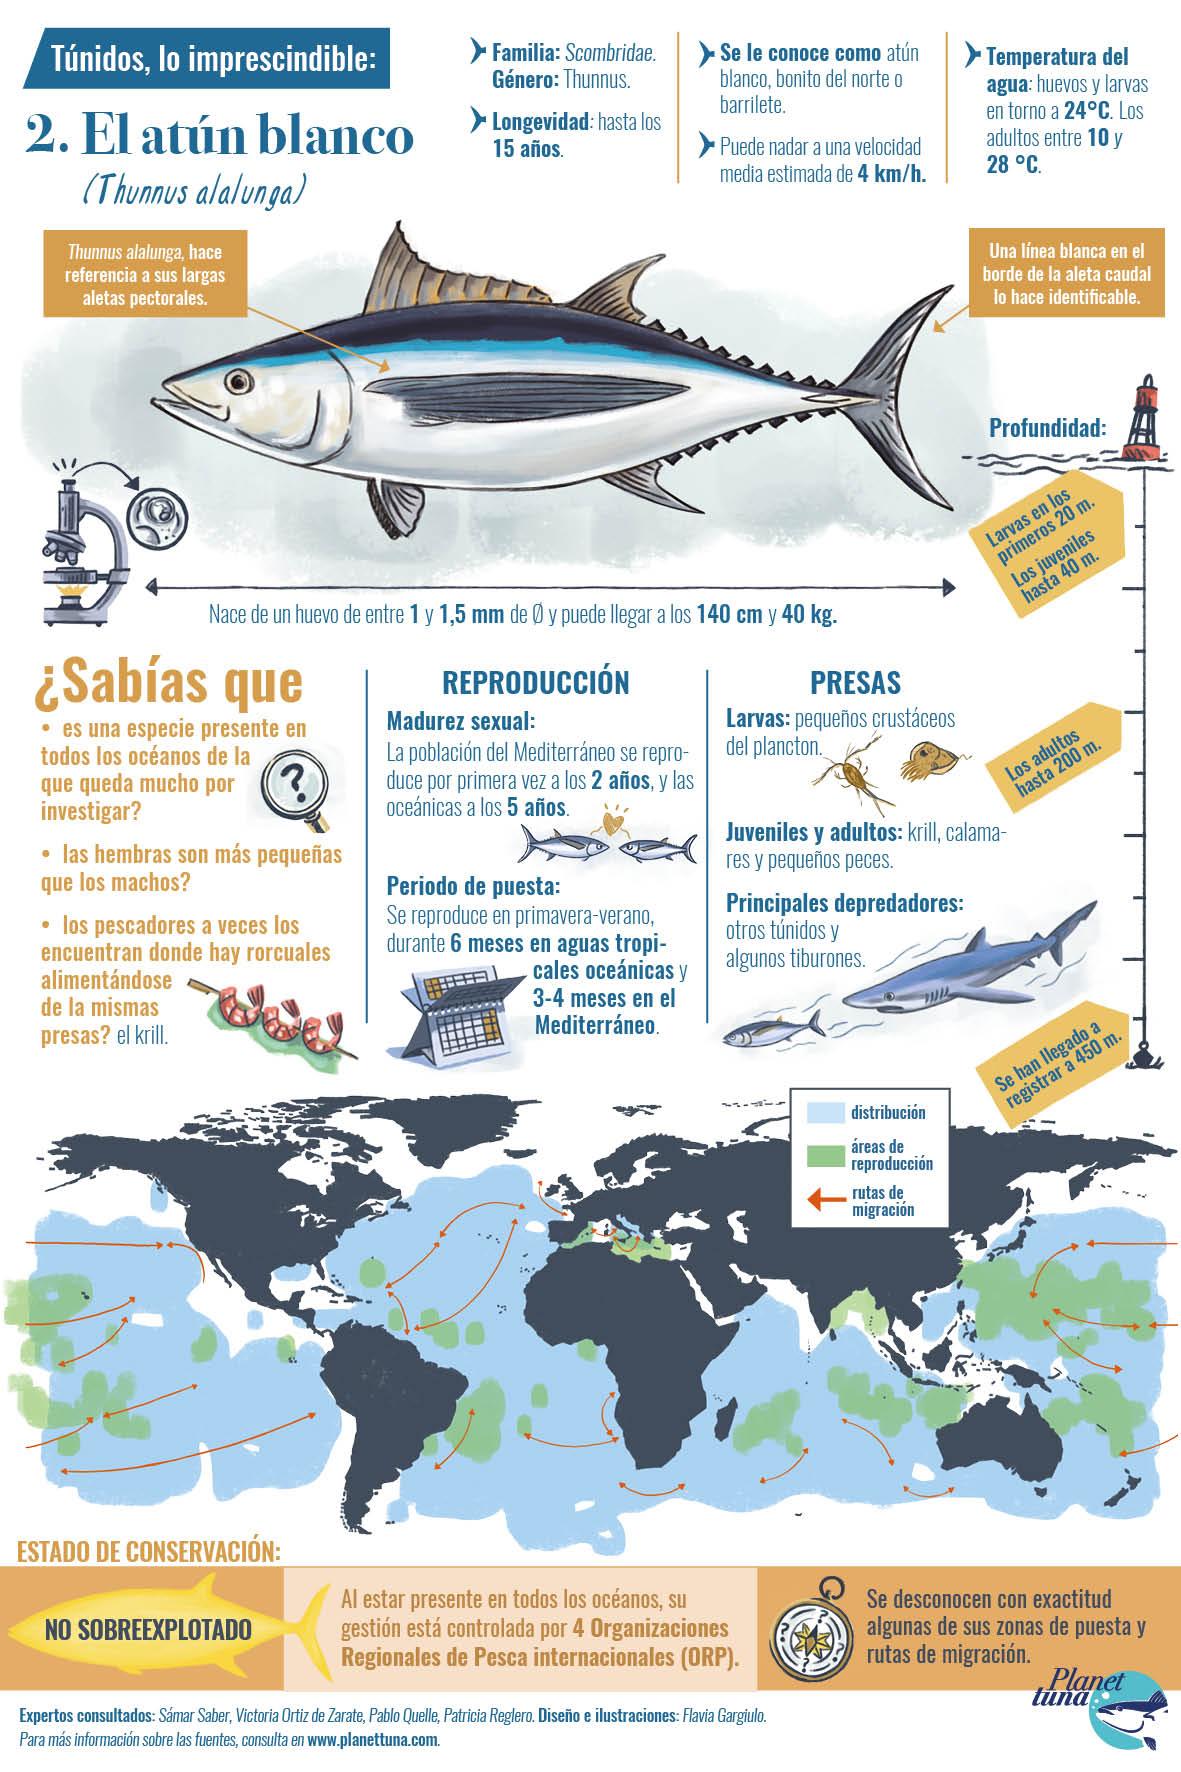 Ficha infográfica con los datos esenciales sobre el atún blanco o bonito del norte